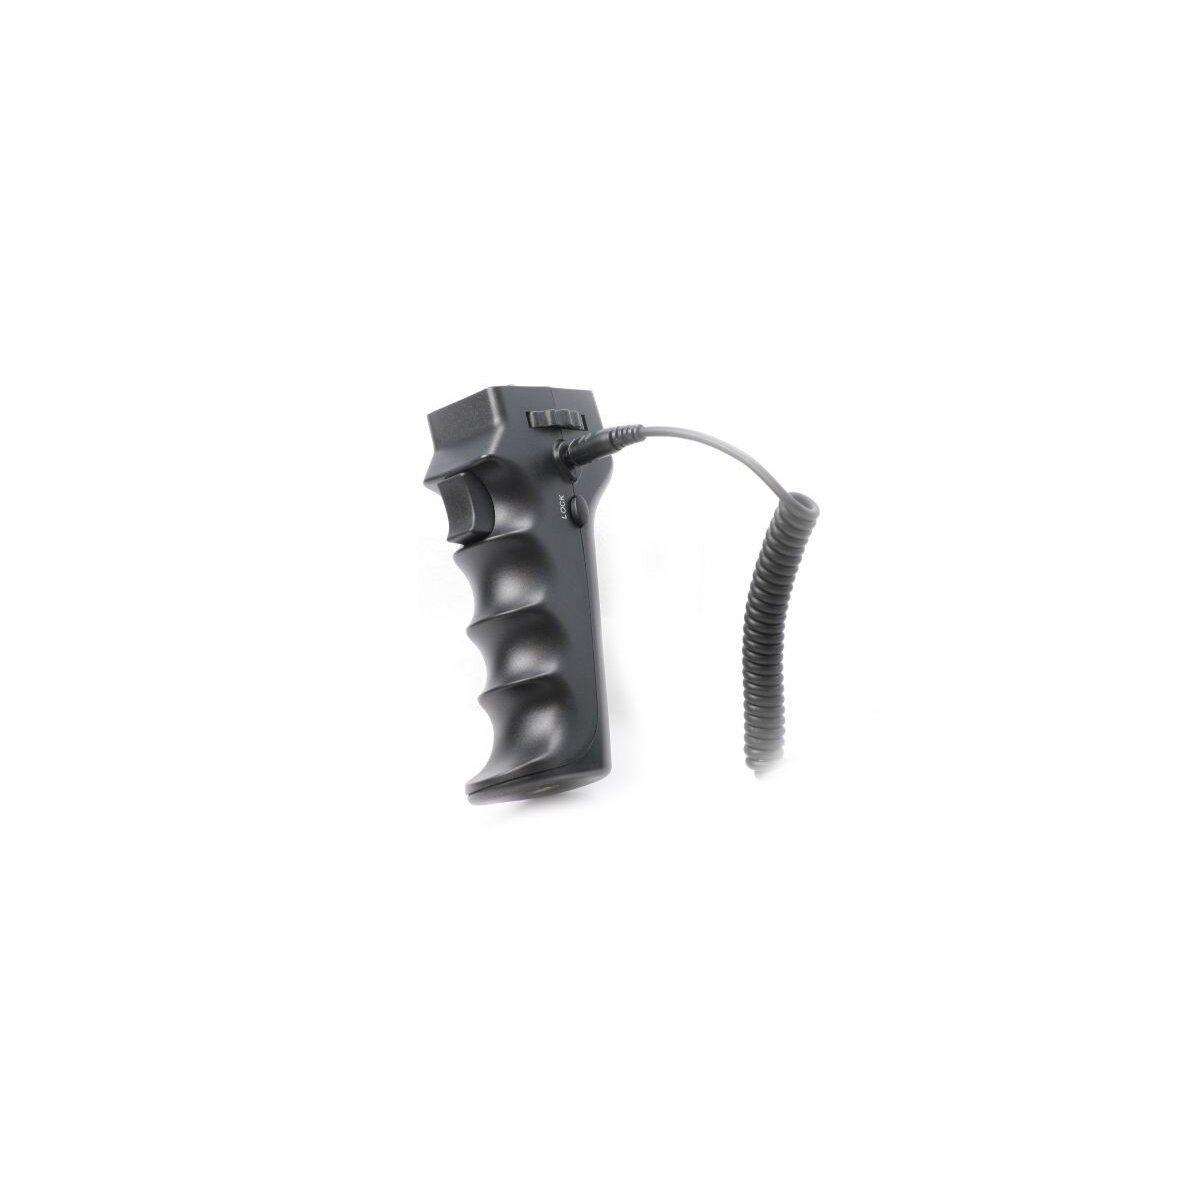 JJC Profi Fernauslöser Einhandaufnahmen Pistolen Handgriff kompatibel mit Nikon D800, D700, D300s, D300, D200, D1 Serie, D2 Serie, D3 Serie, N90s, F5, F6, F100, F90, F90X